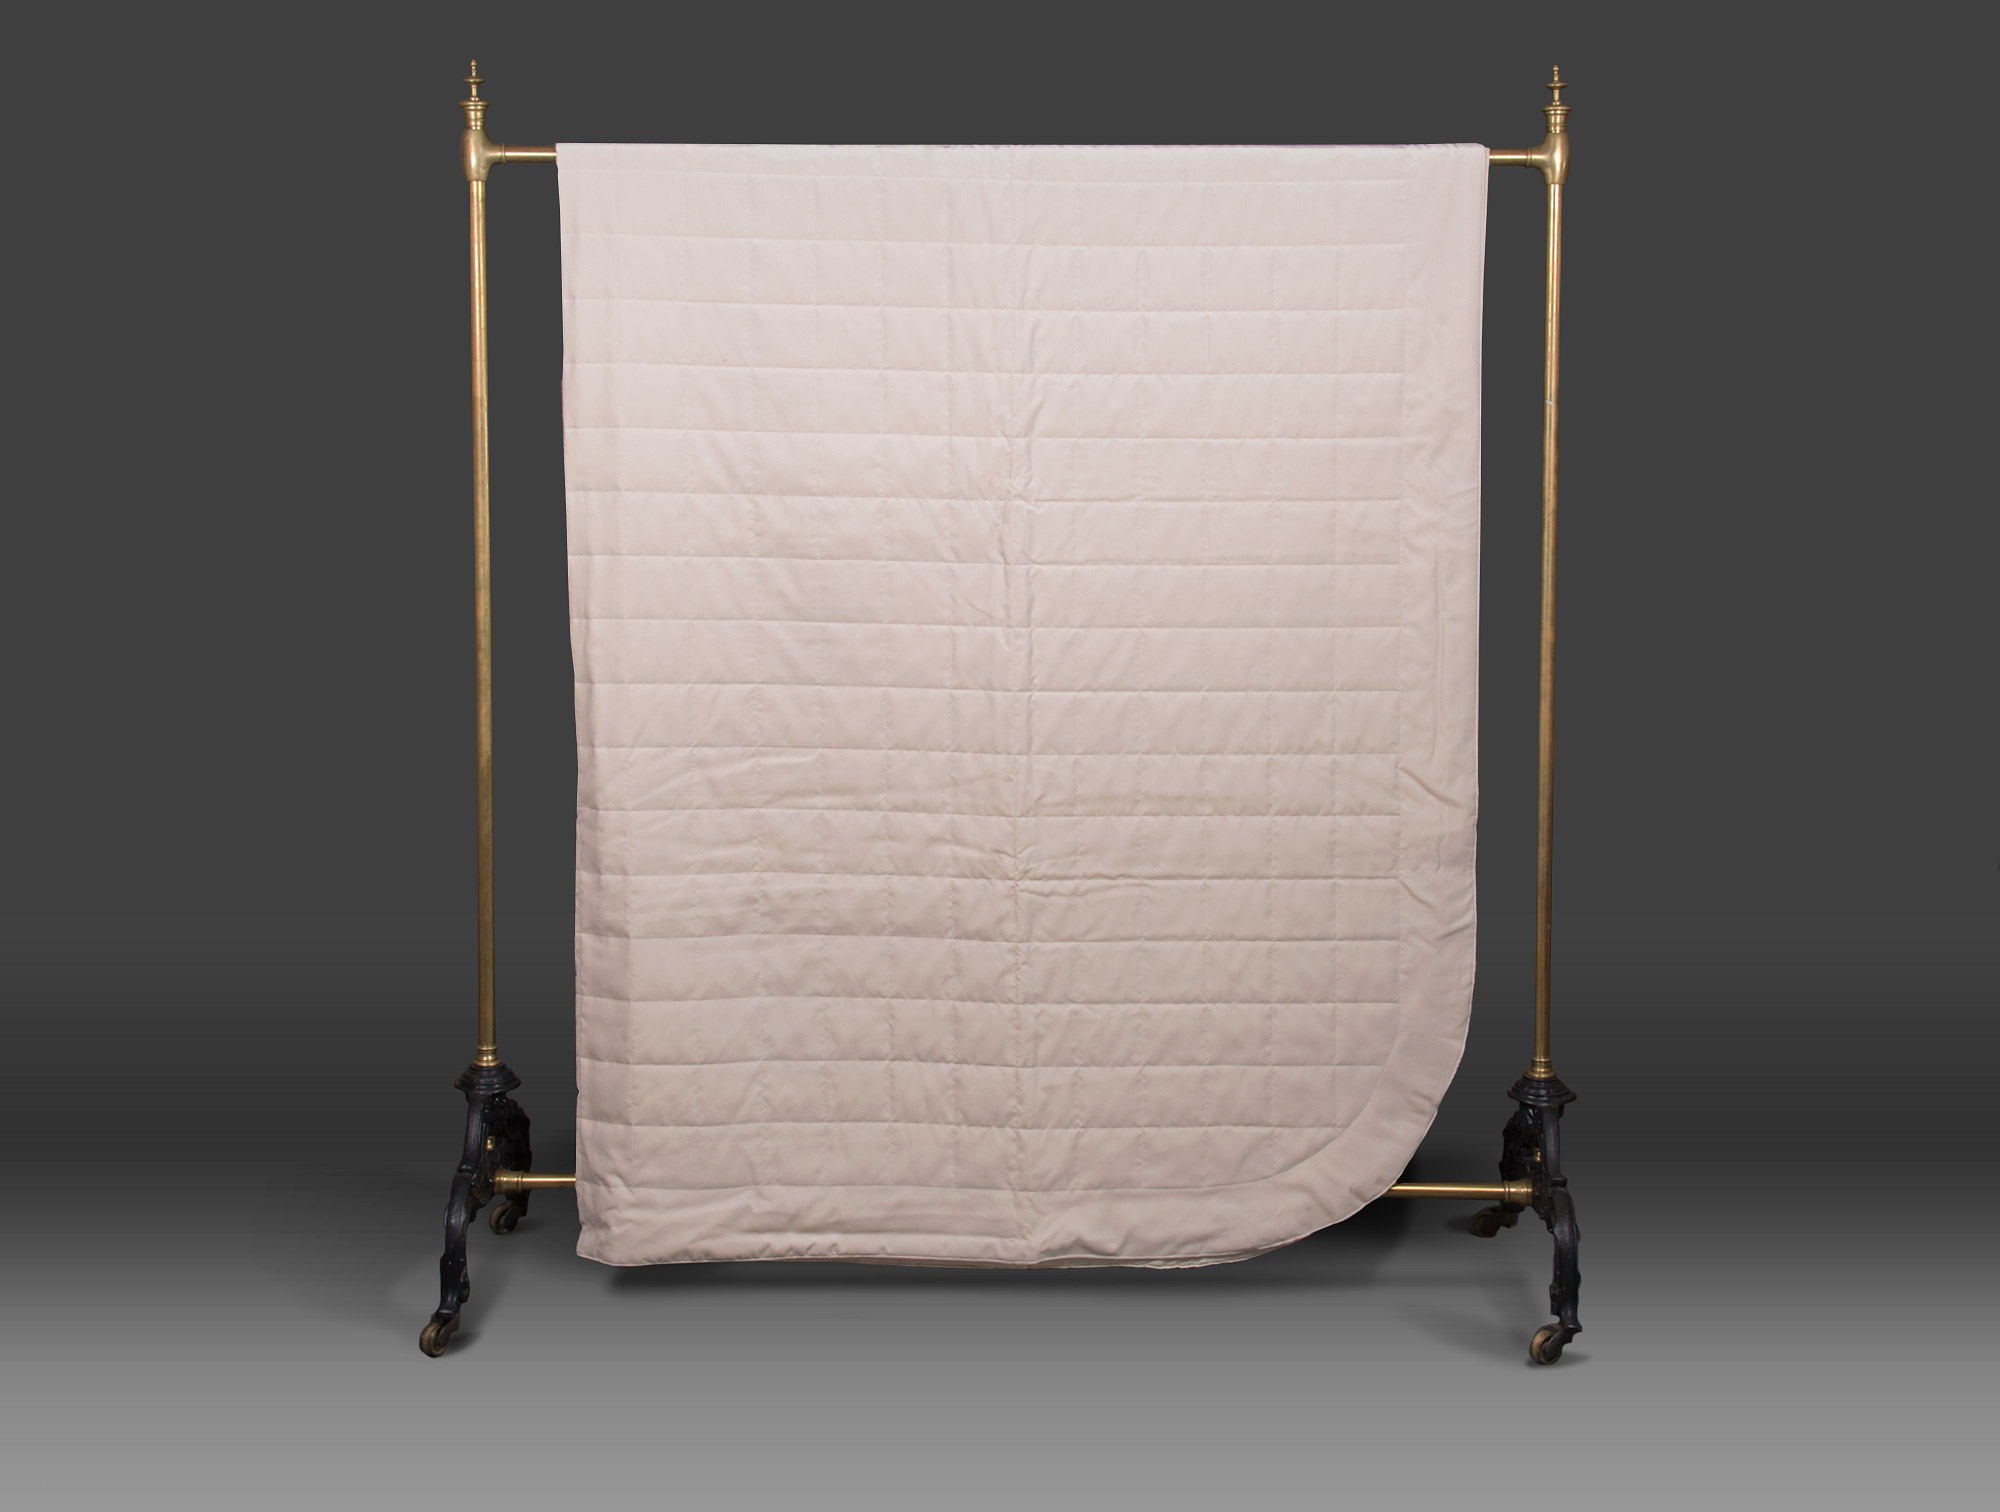 dessus de lit en velours ivoire soubrier louer tissus dessus de lit contemporain. Black Bedroom Furniture Sets. Home Design Ideas